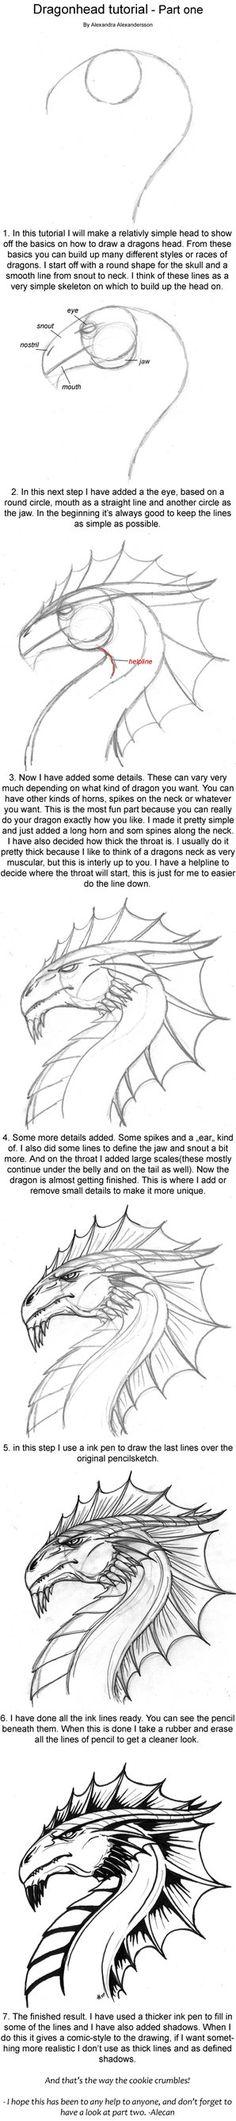 dragon age tactics tutorial